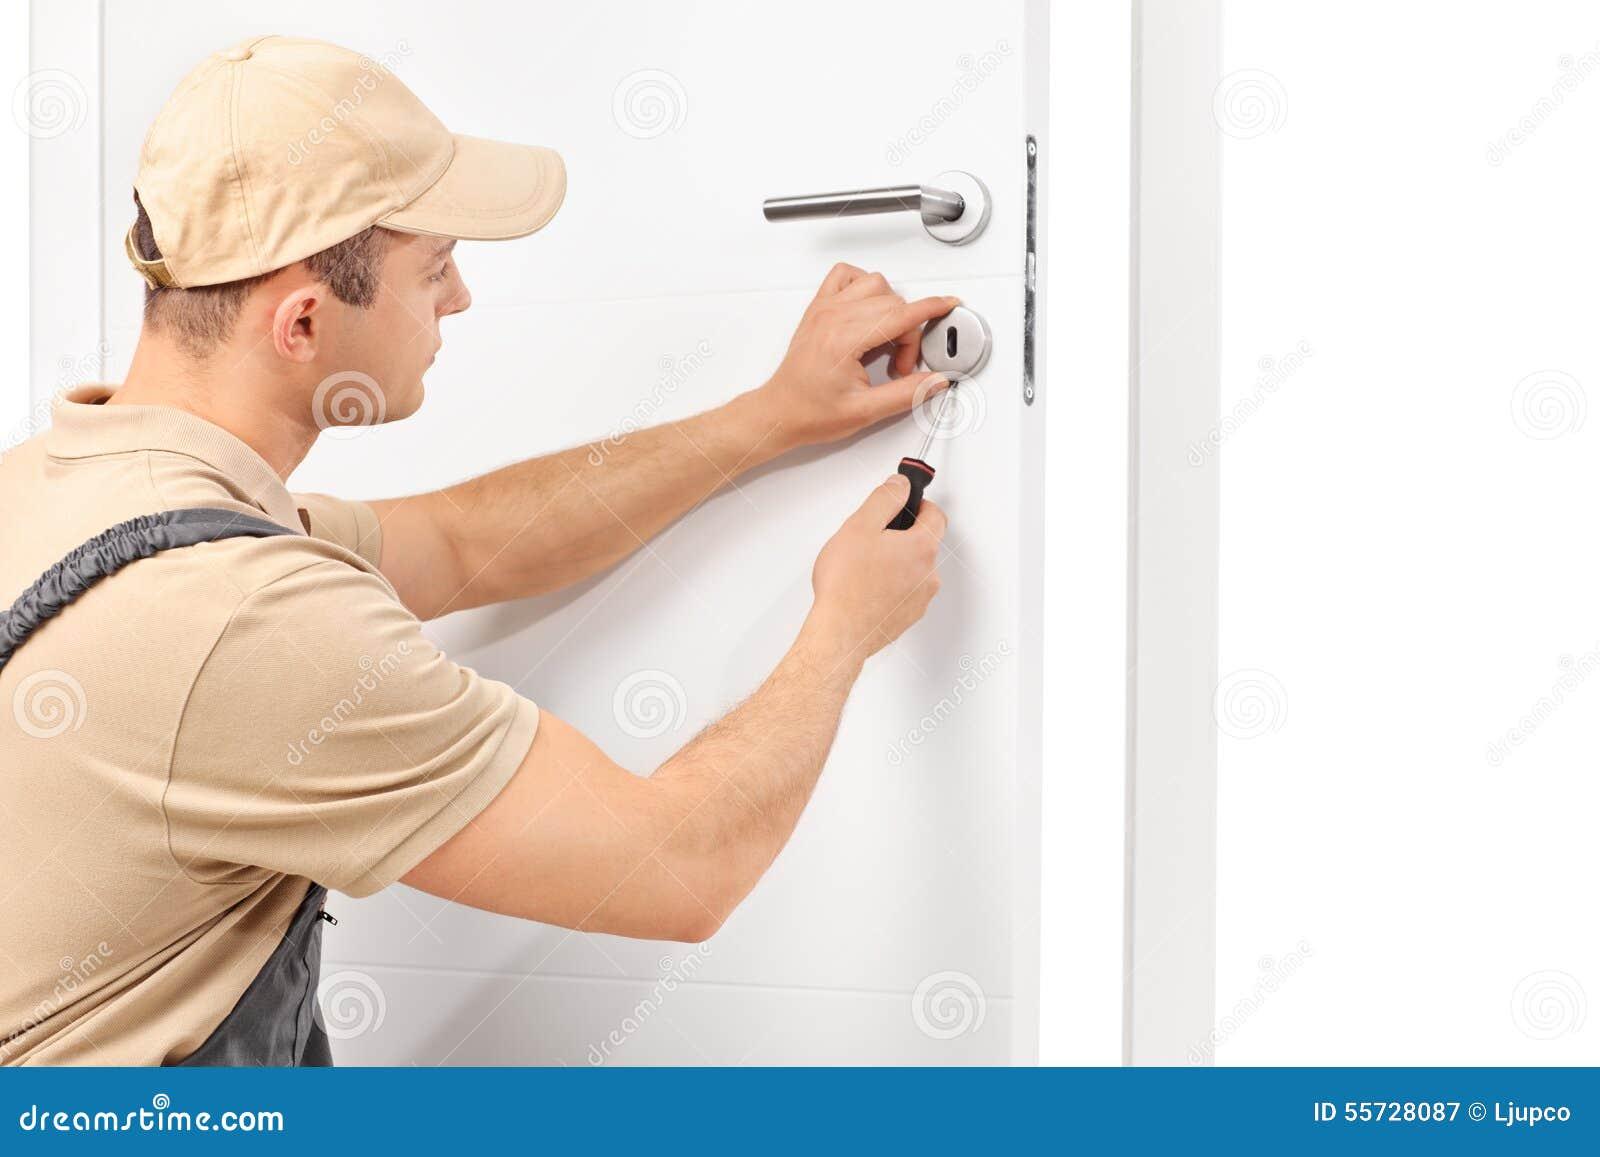 Serrurier installant une serrure sur une porte